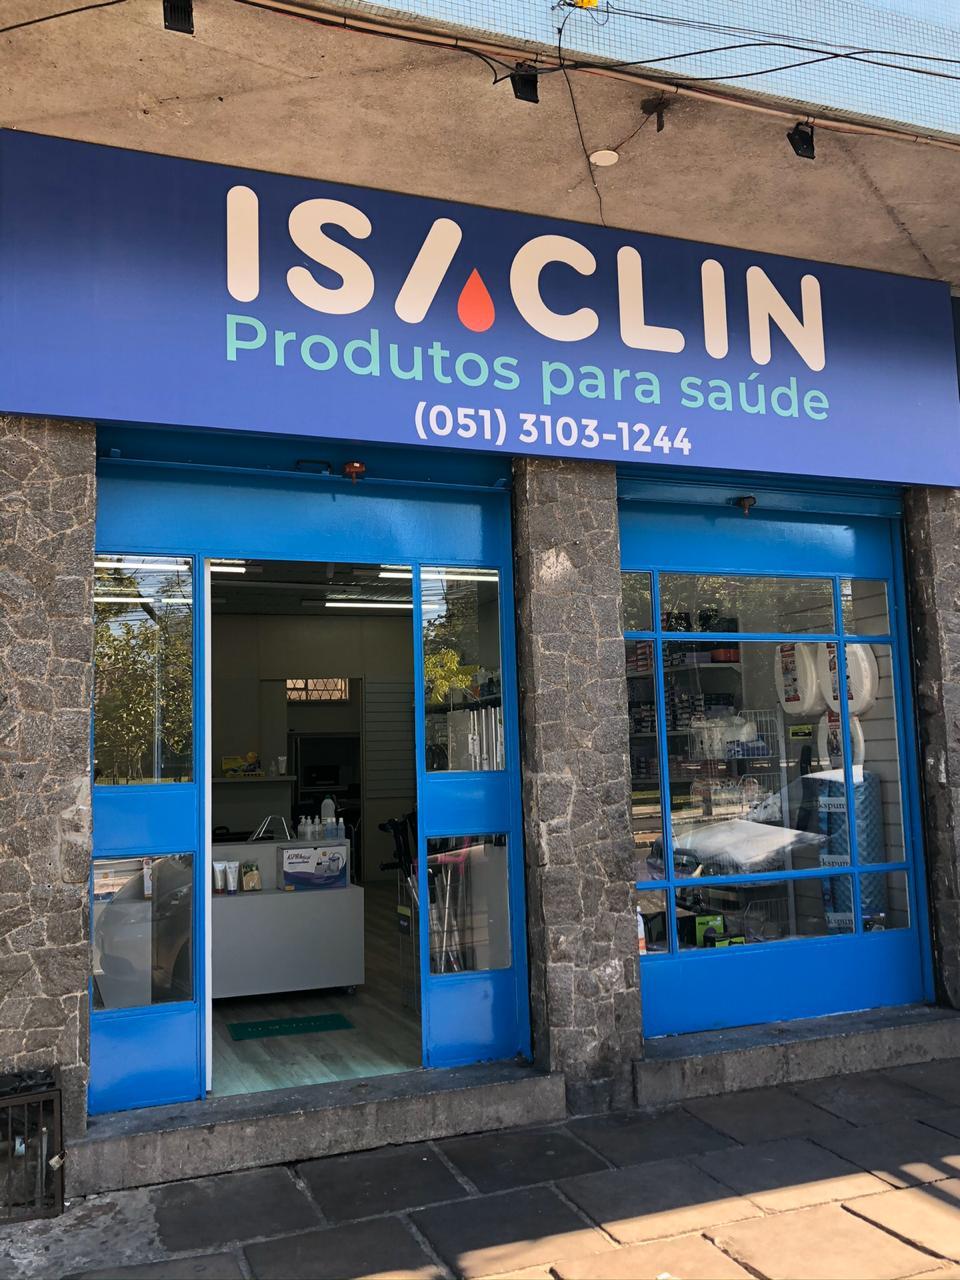 Imagem Isaclin Hospital de Clínicas